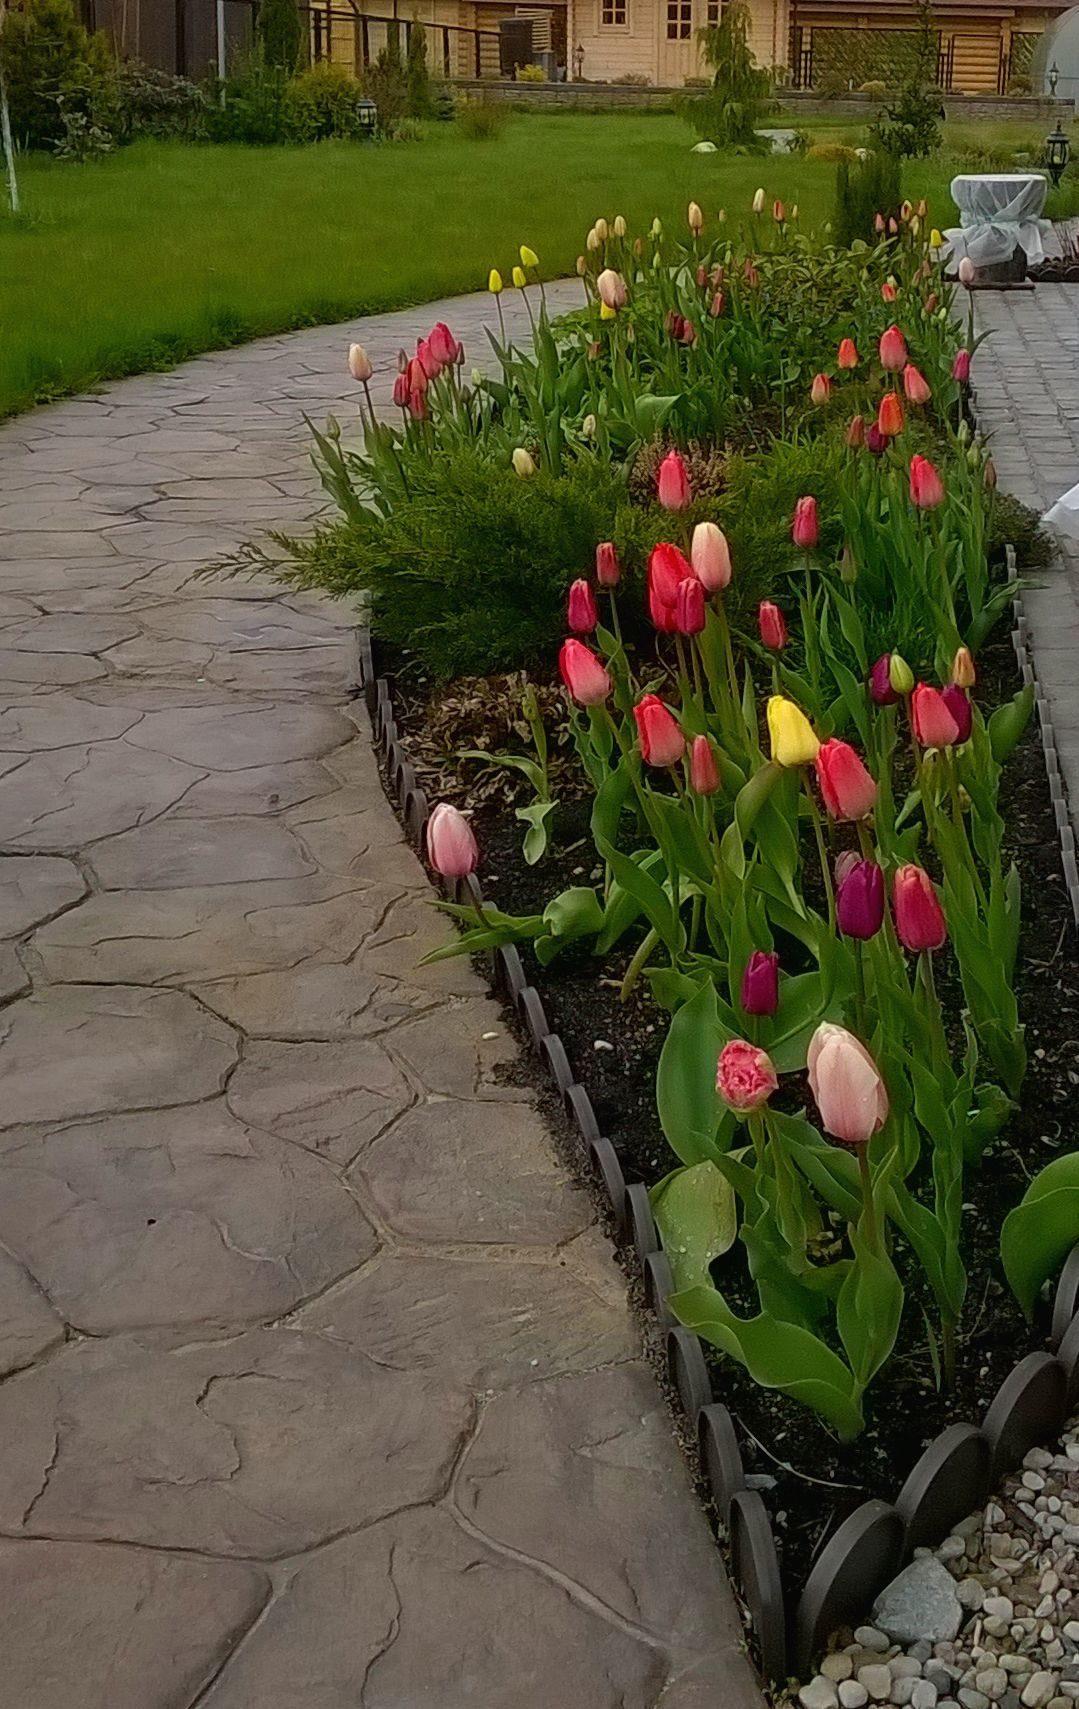 Дизайн сада (154 фото): ландшафтное проектирование участка и огорода площадью 6 соток, с  какими цветами сочетается лилейники